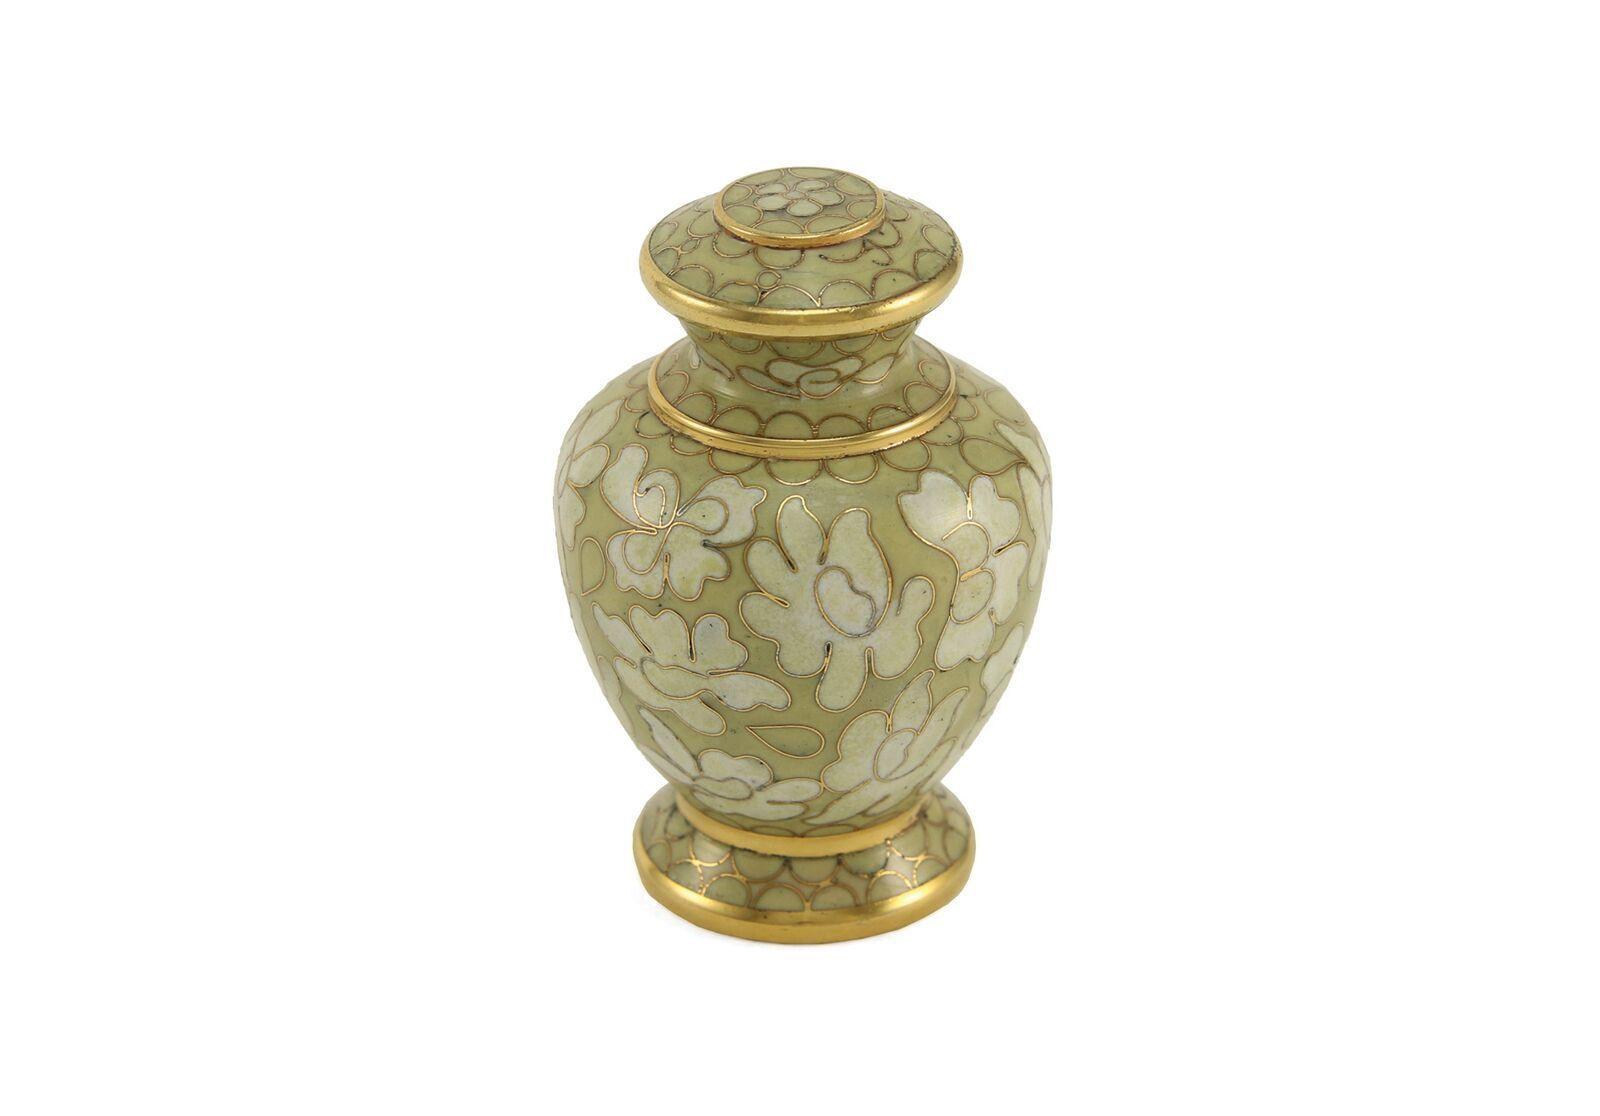 glass urn vase of essence opal individual keepsake with velvet bag cremation urn regarding essence opal individual keepsake with velvet bag cremation urn